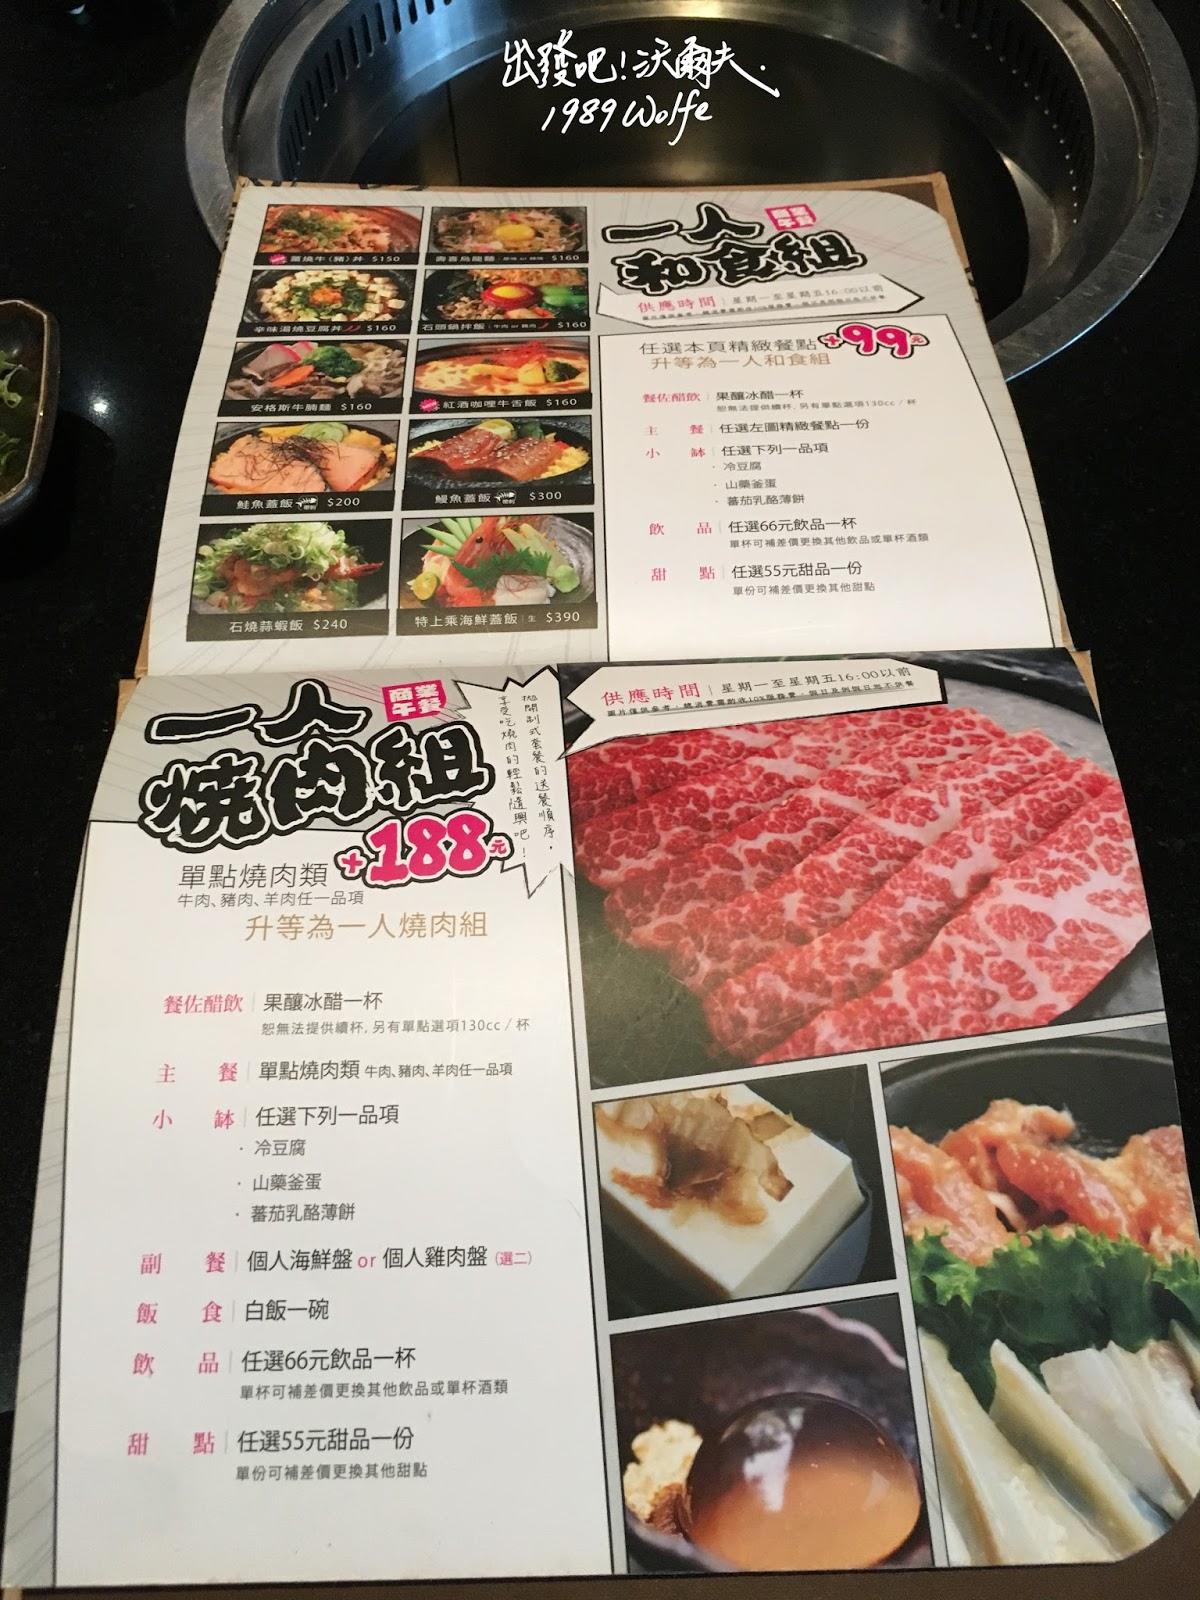 臺南美食 | 碳佐麻里精品燒肉 (府前店) - 出發吧! 沃爾夫.